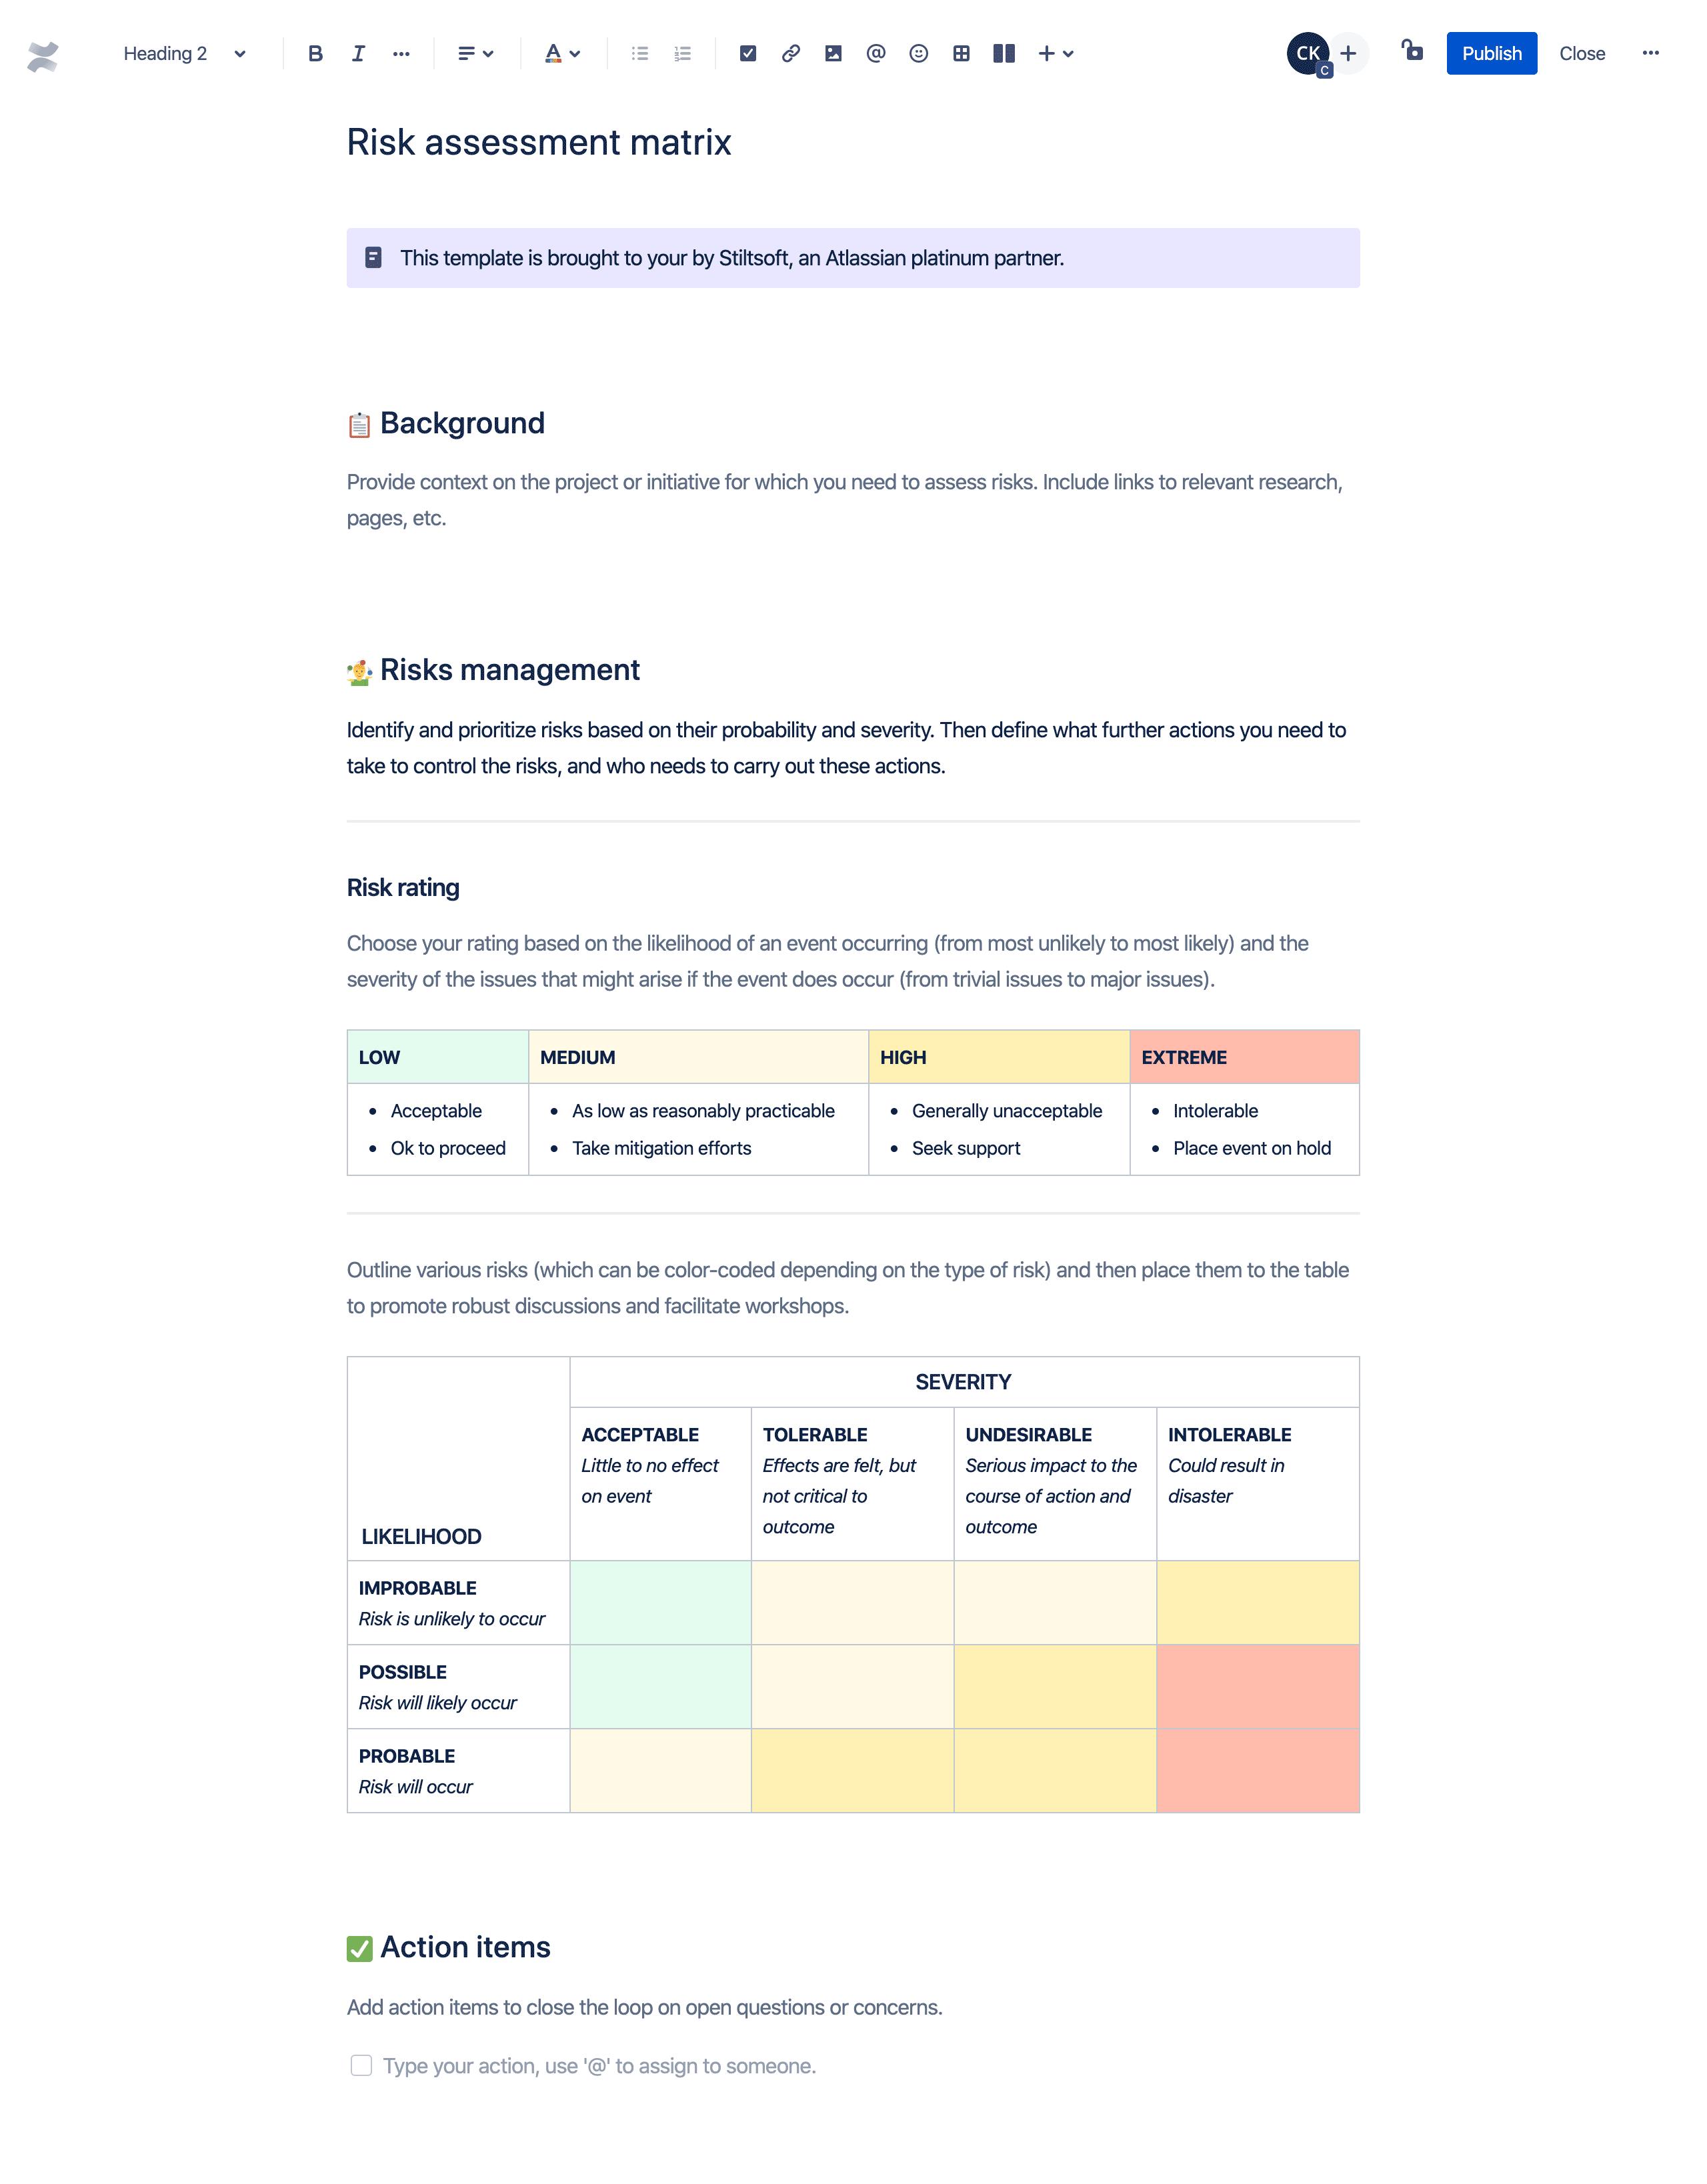 风险管理矩阵模板